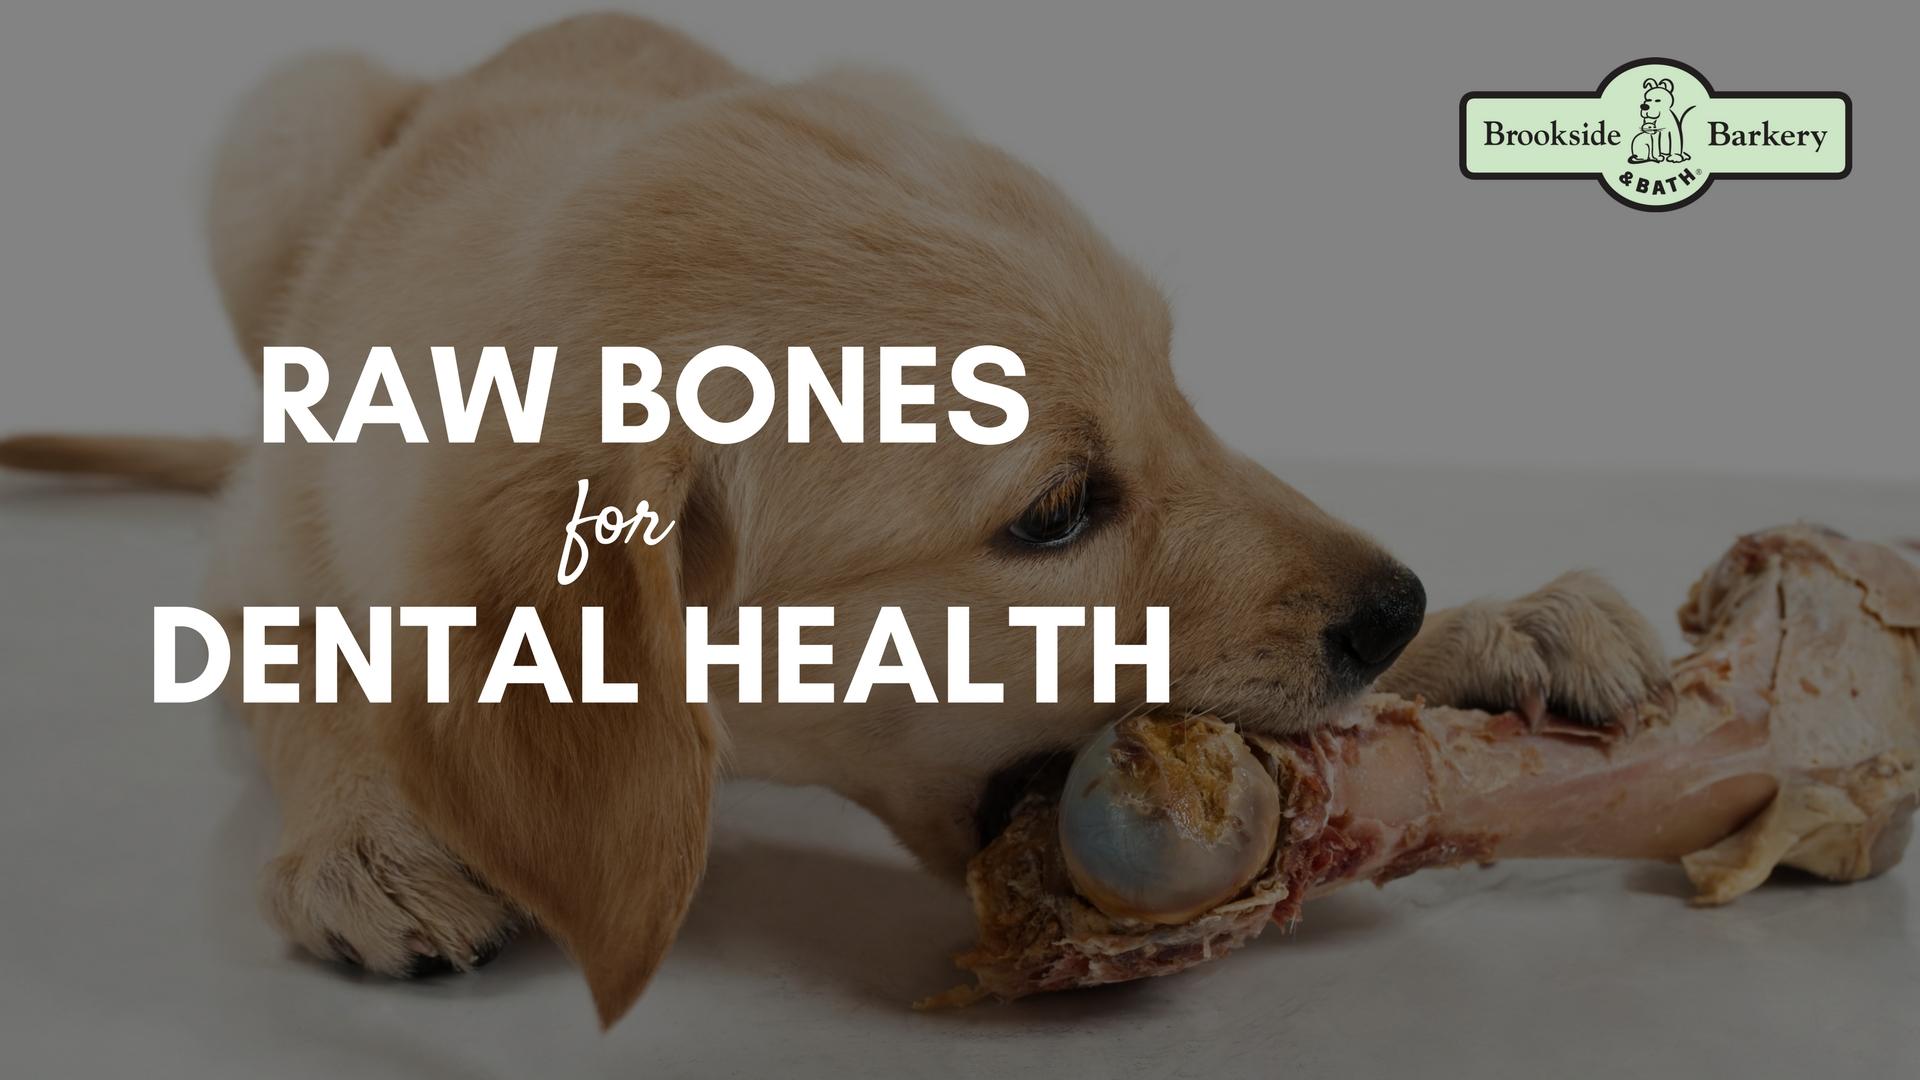 Raw Bones for Dental Health